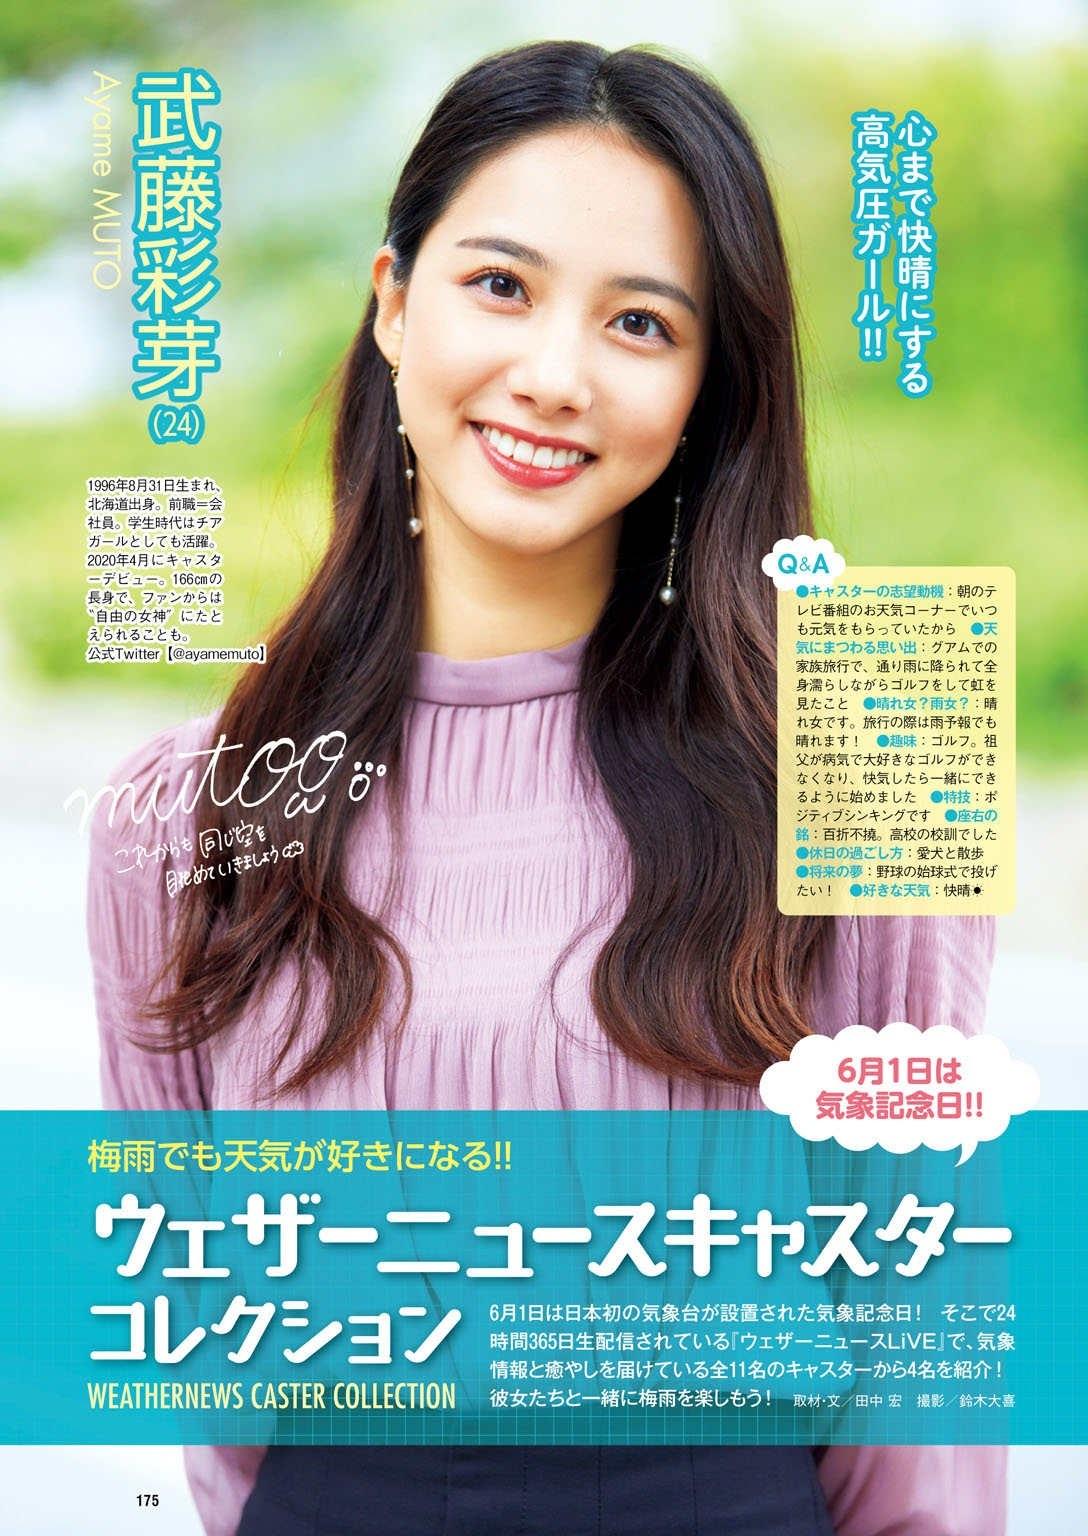 松本真理香 樱井音乃 羽柴なつみ-Weekly Playboy 2021第23期 高清套图 第85张